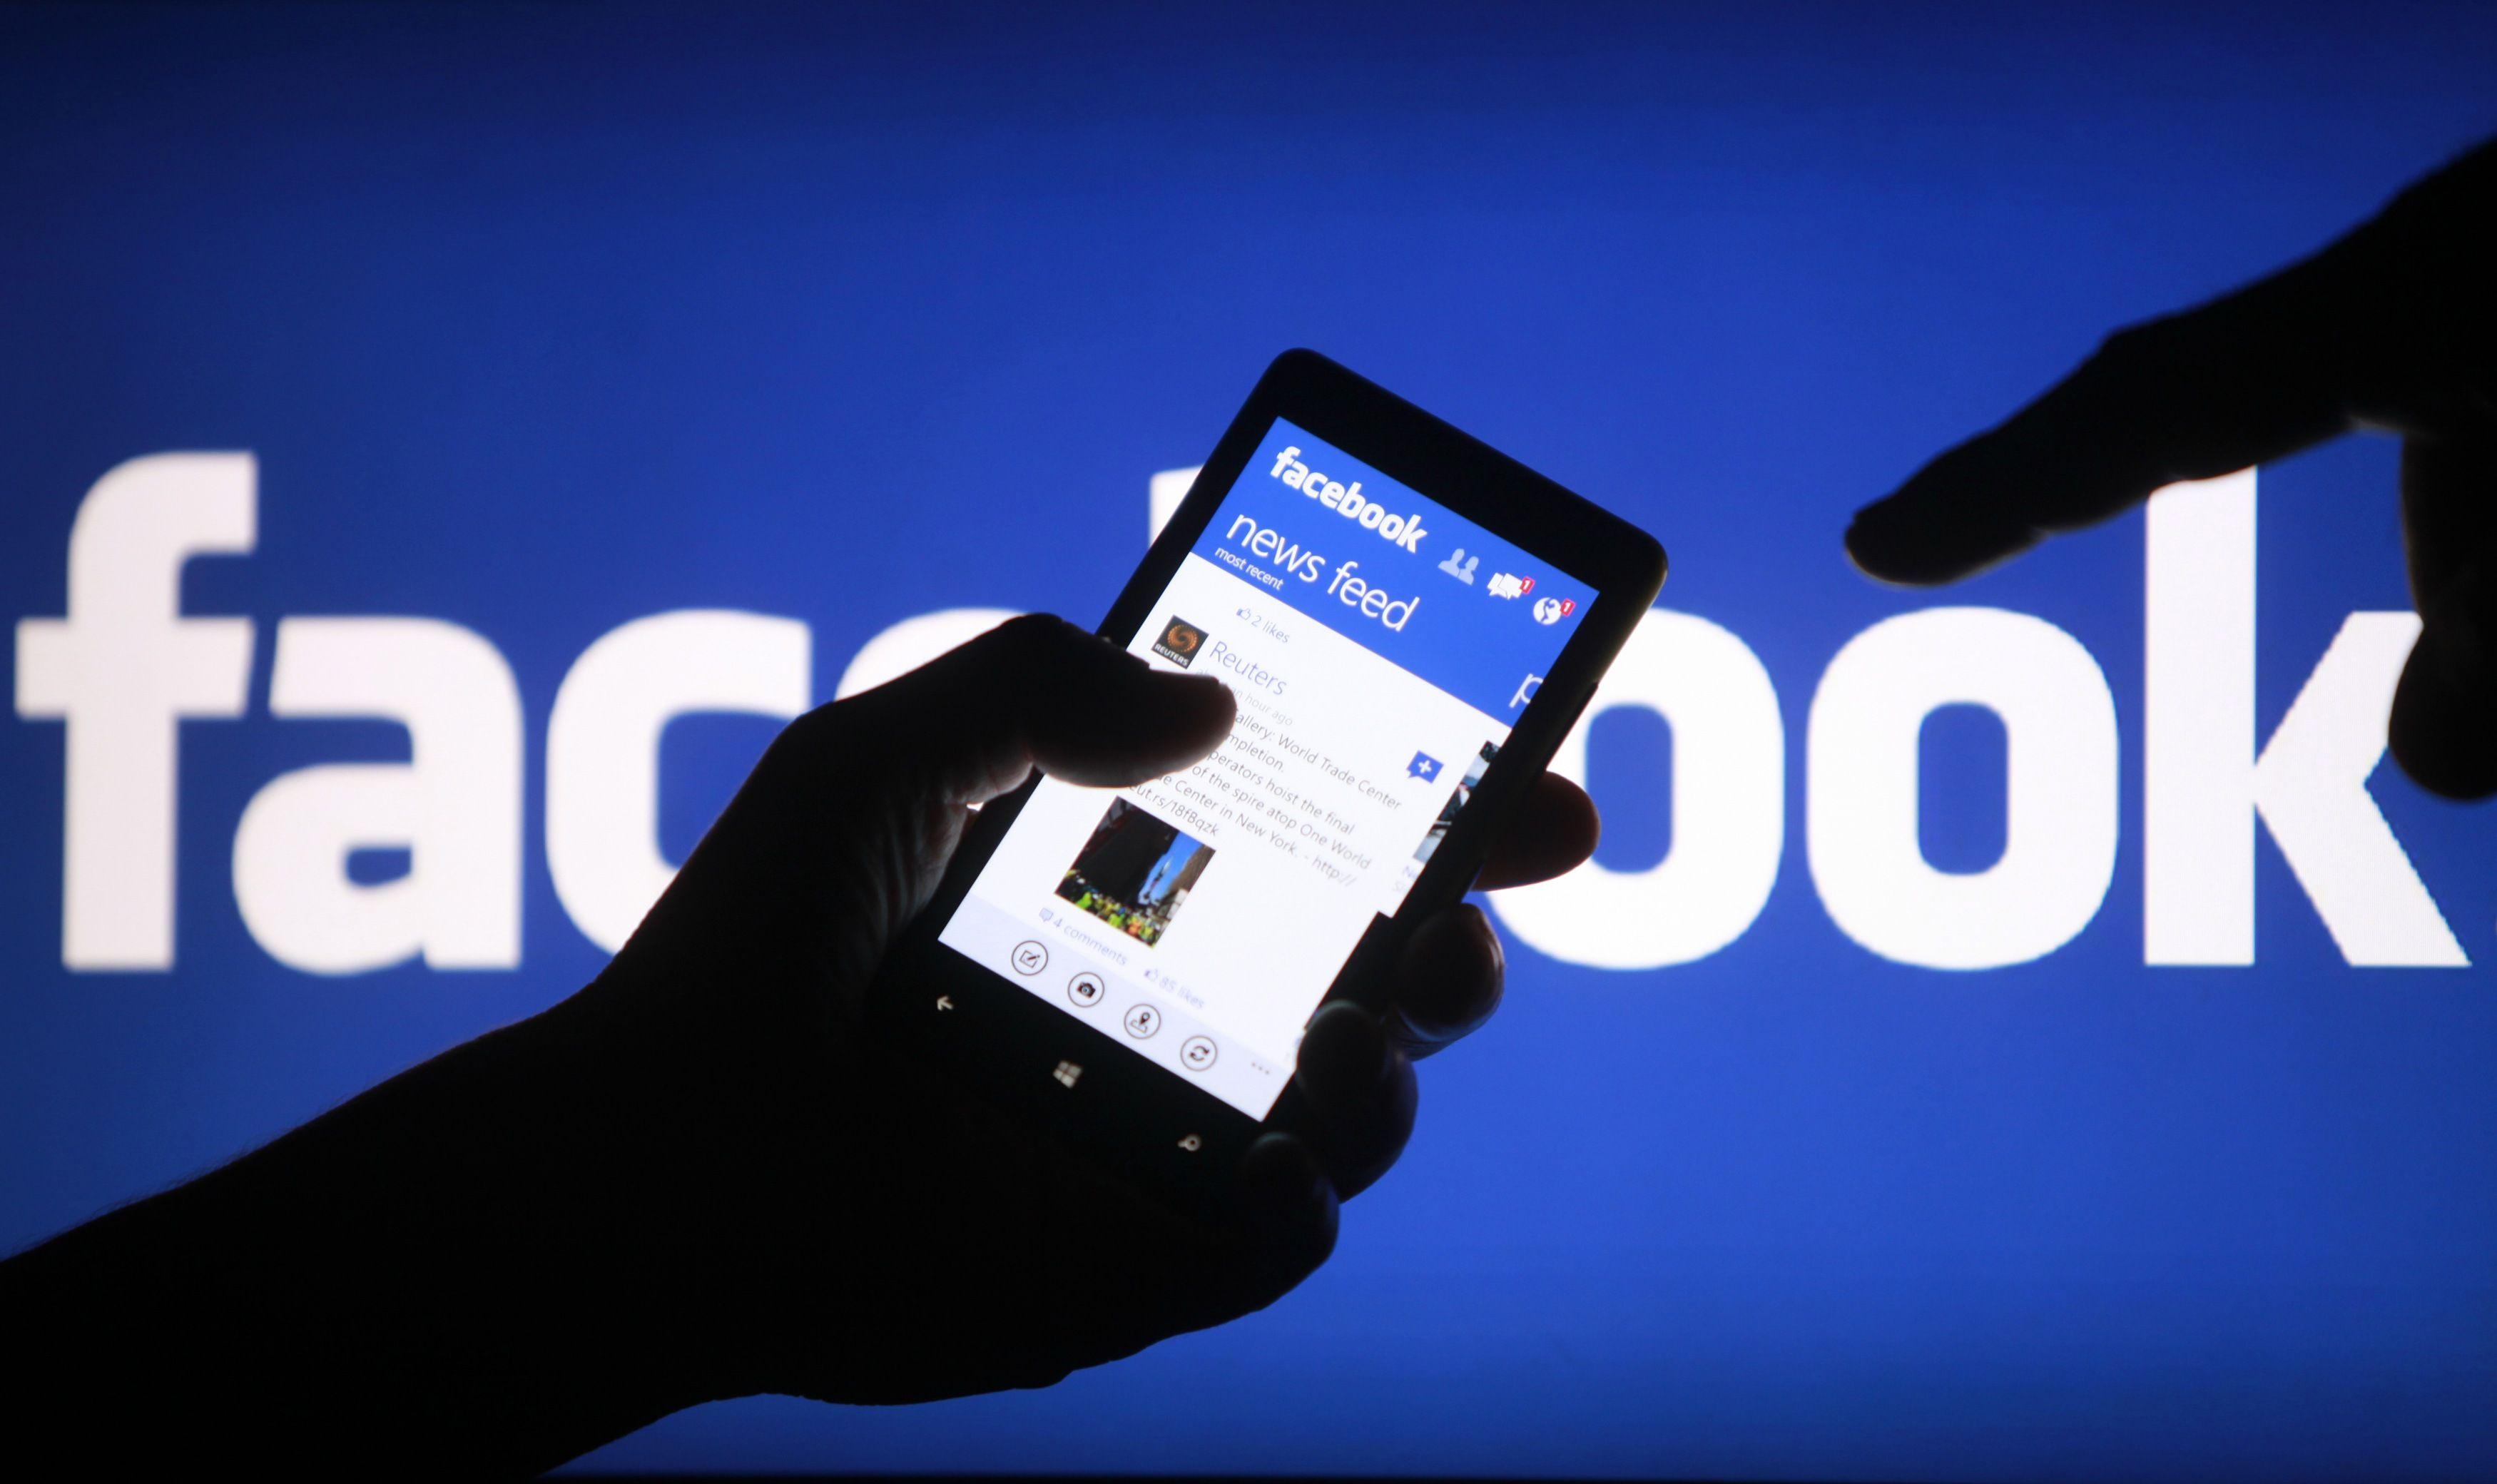 Співробітники Facebook поширюють петицію з вимогою вирішити питання «палестинської цензури»